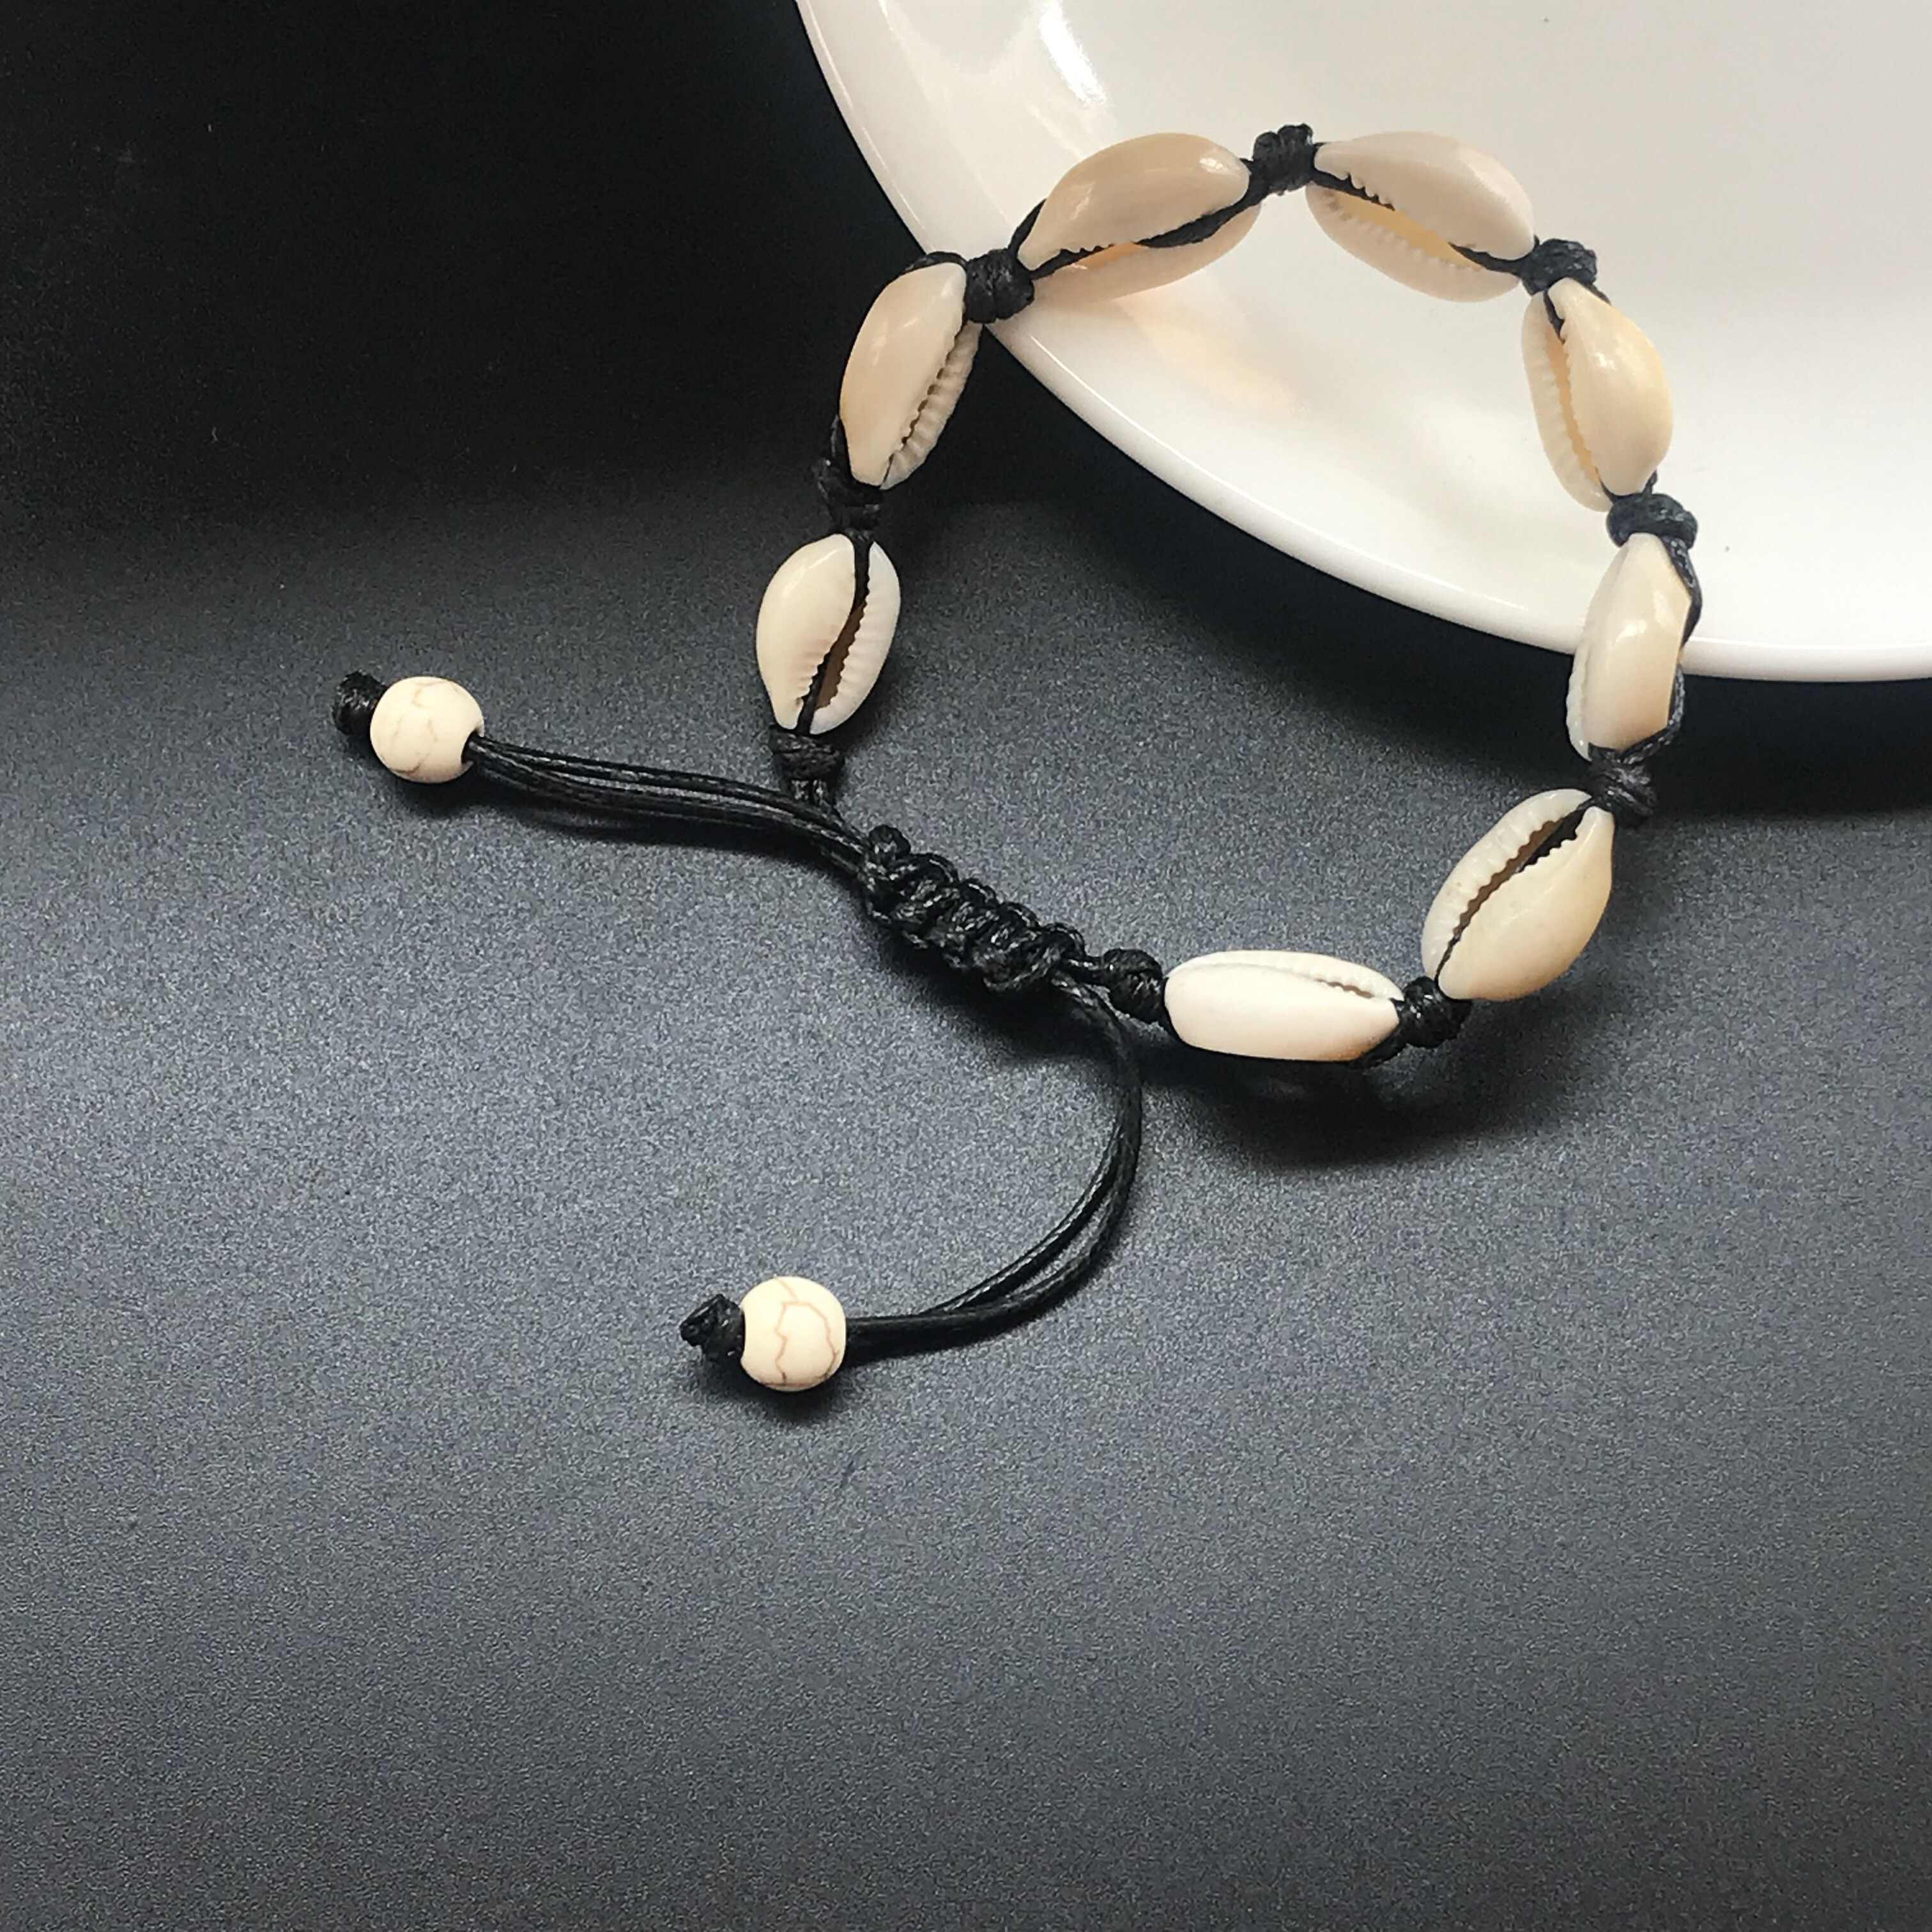 Gorąca sprzedaż Handmade naturalna muszla ręcznie dzianiny bransoletka muszle bransoletki kobiety akcesoria zroszony Strand bransoletka